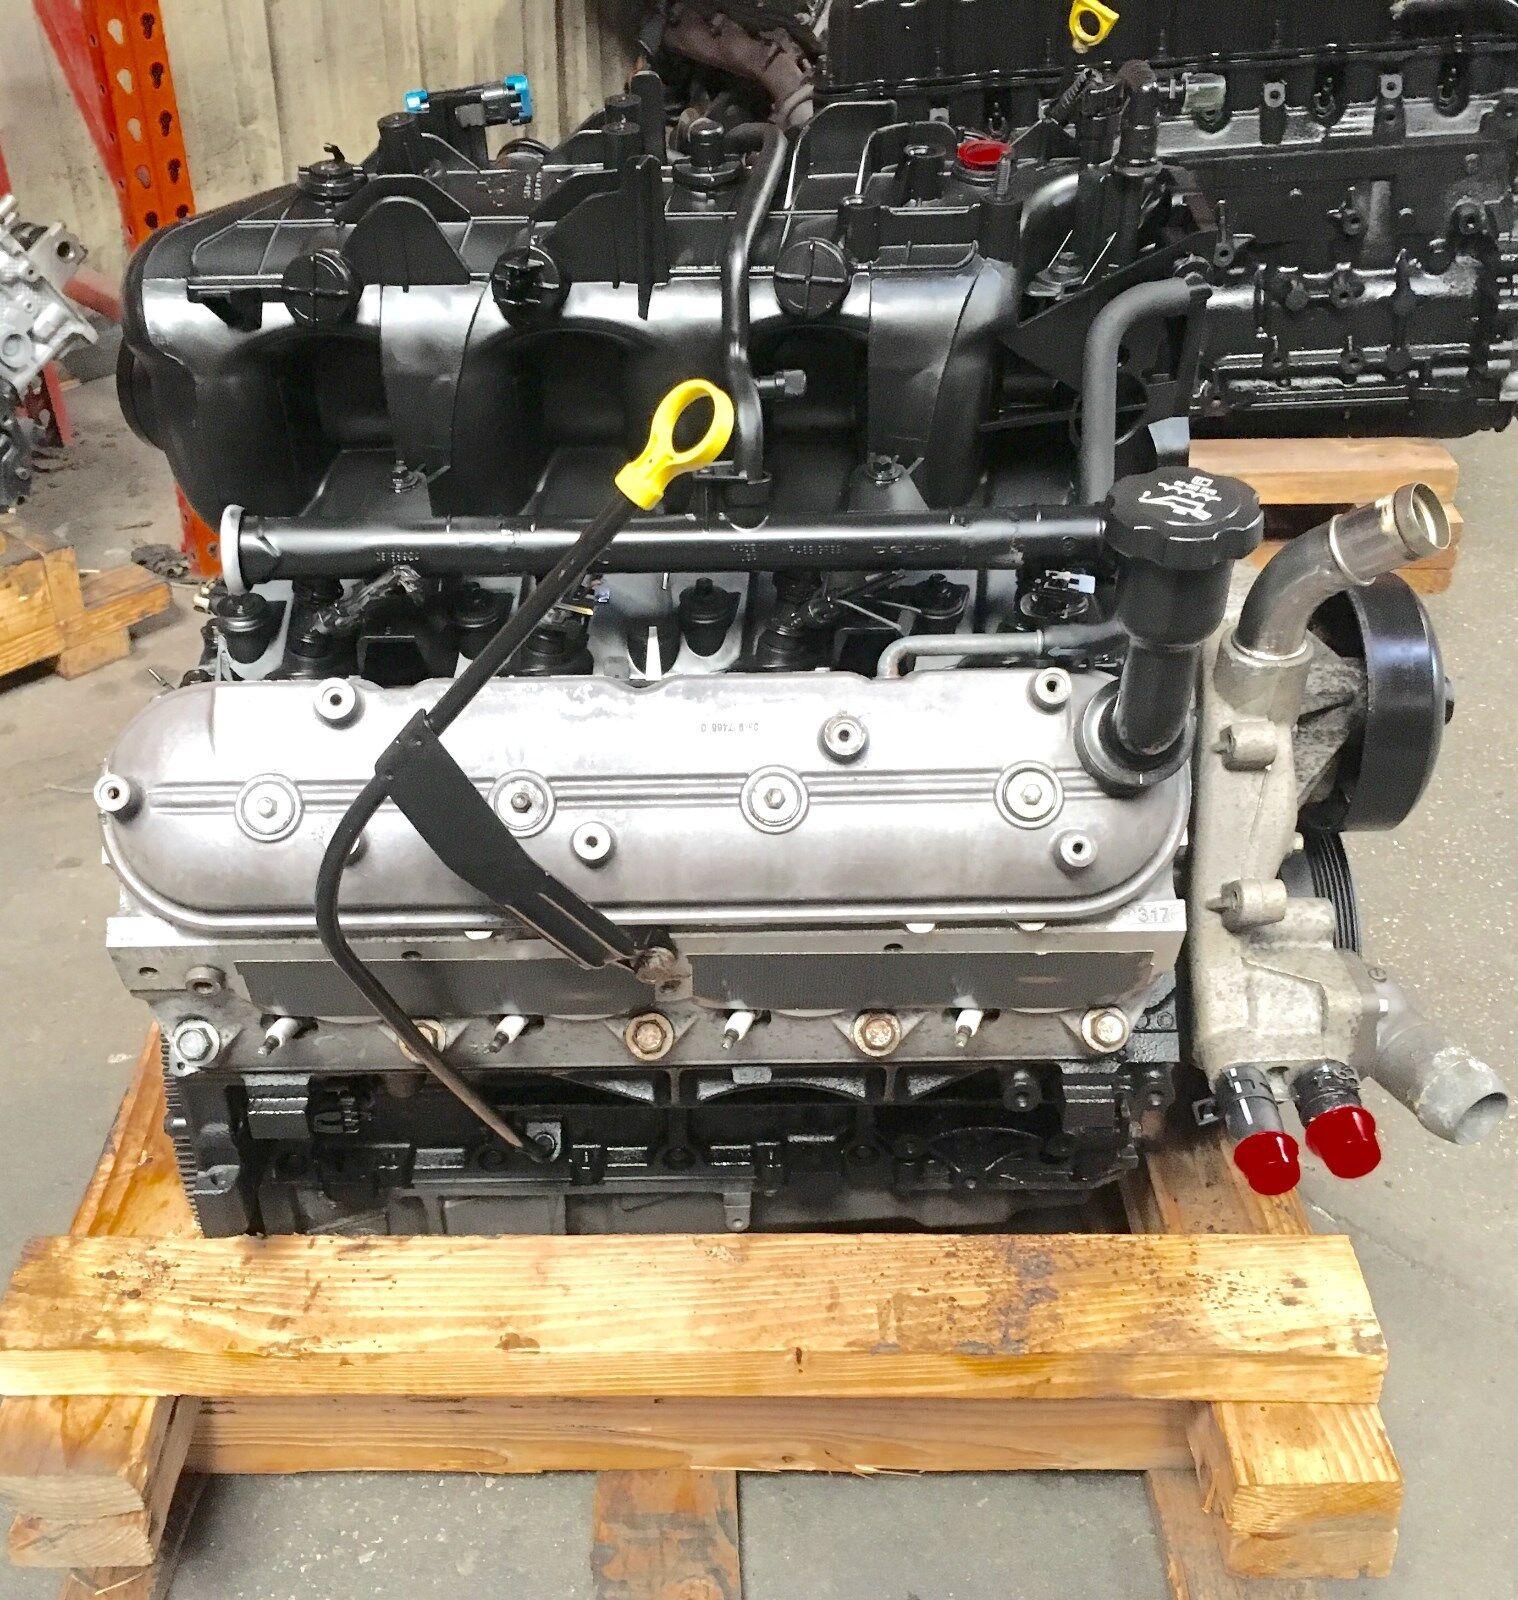 SIERRA SILVERADO 1500 Escalade Engine 2002 2003 2004 2005 LQ9 6.0L ...